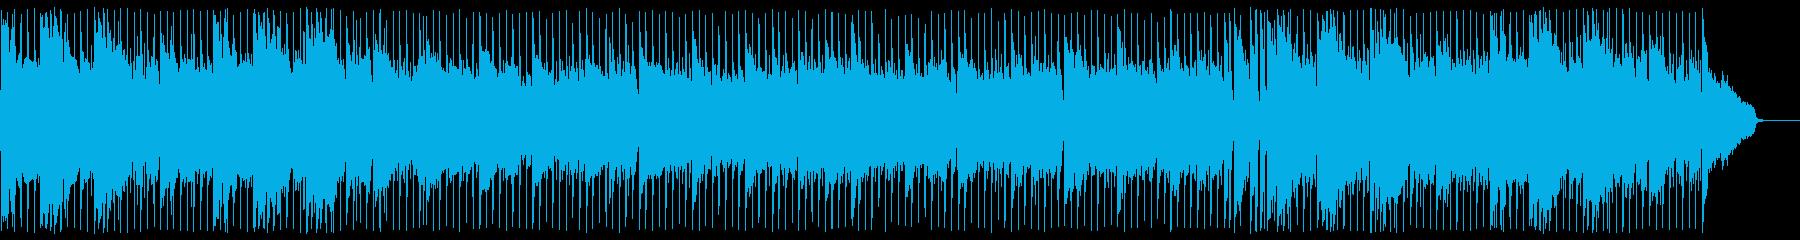 前向きで疾走感あるフュージョンの再生済みの波形